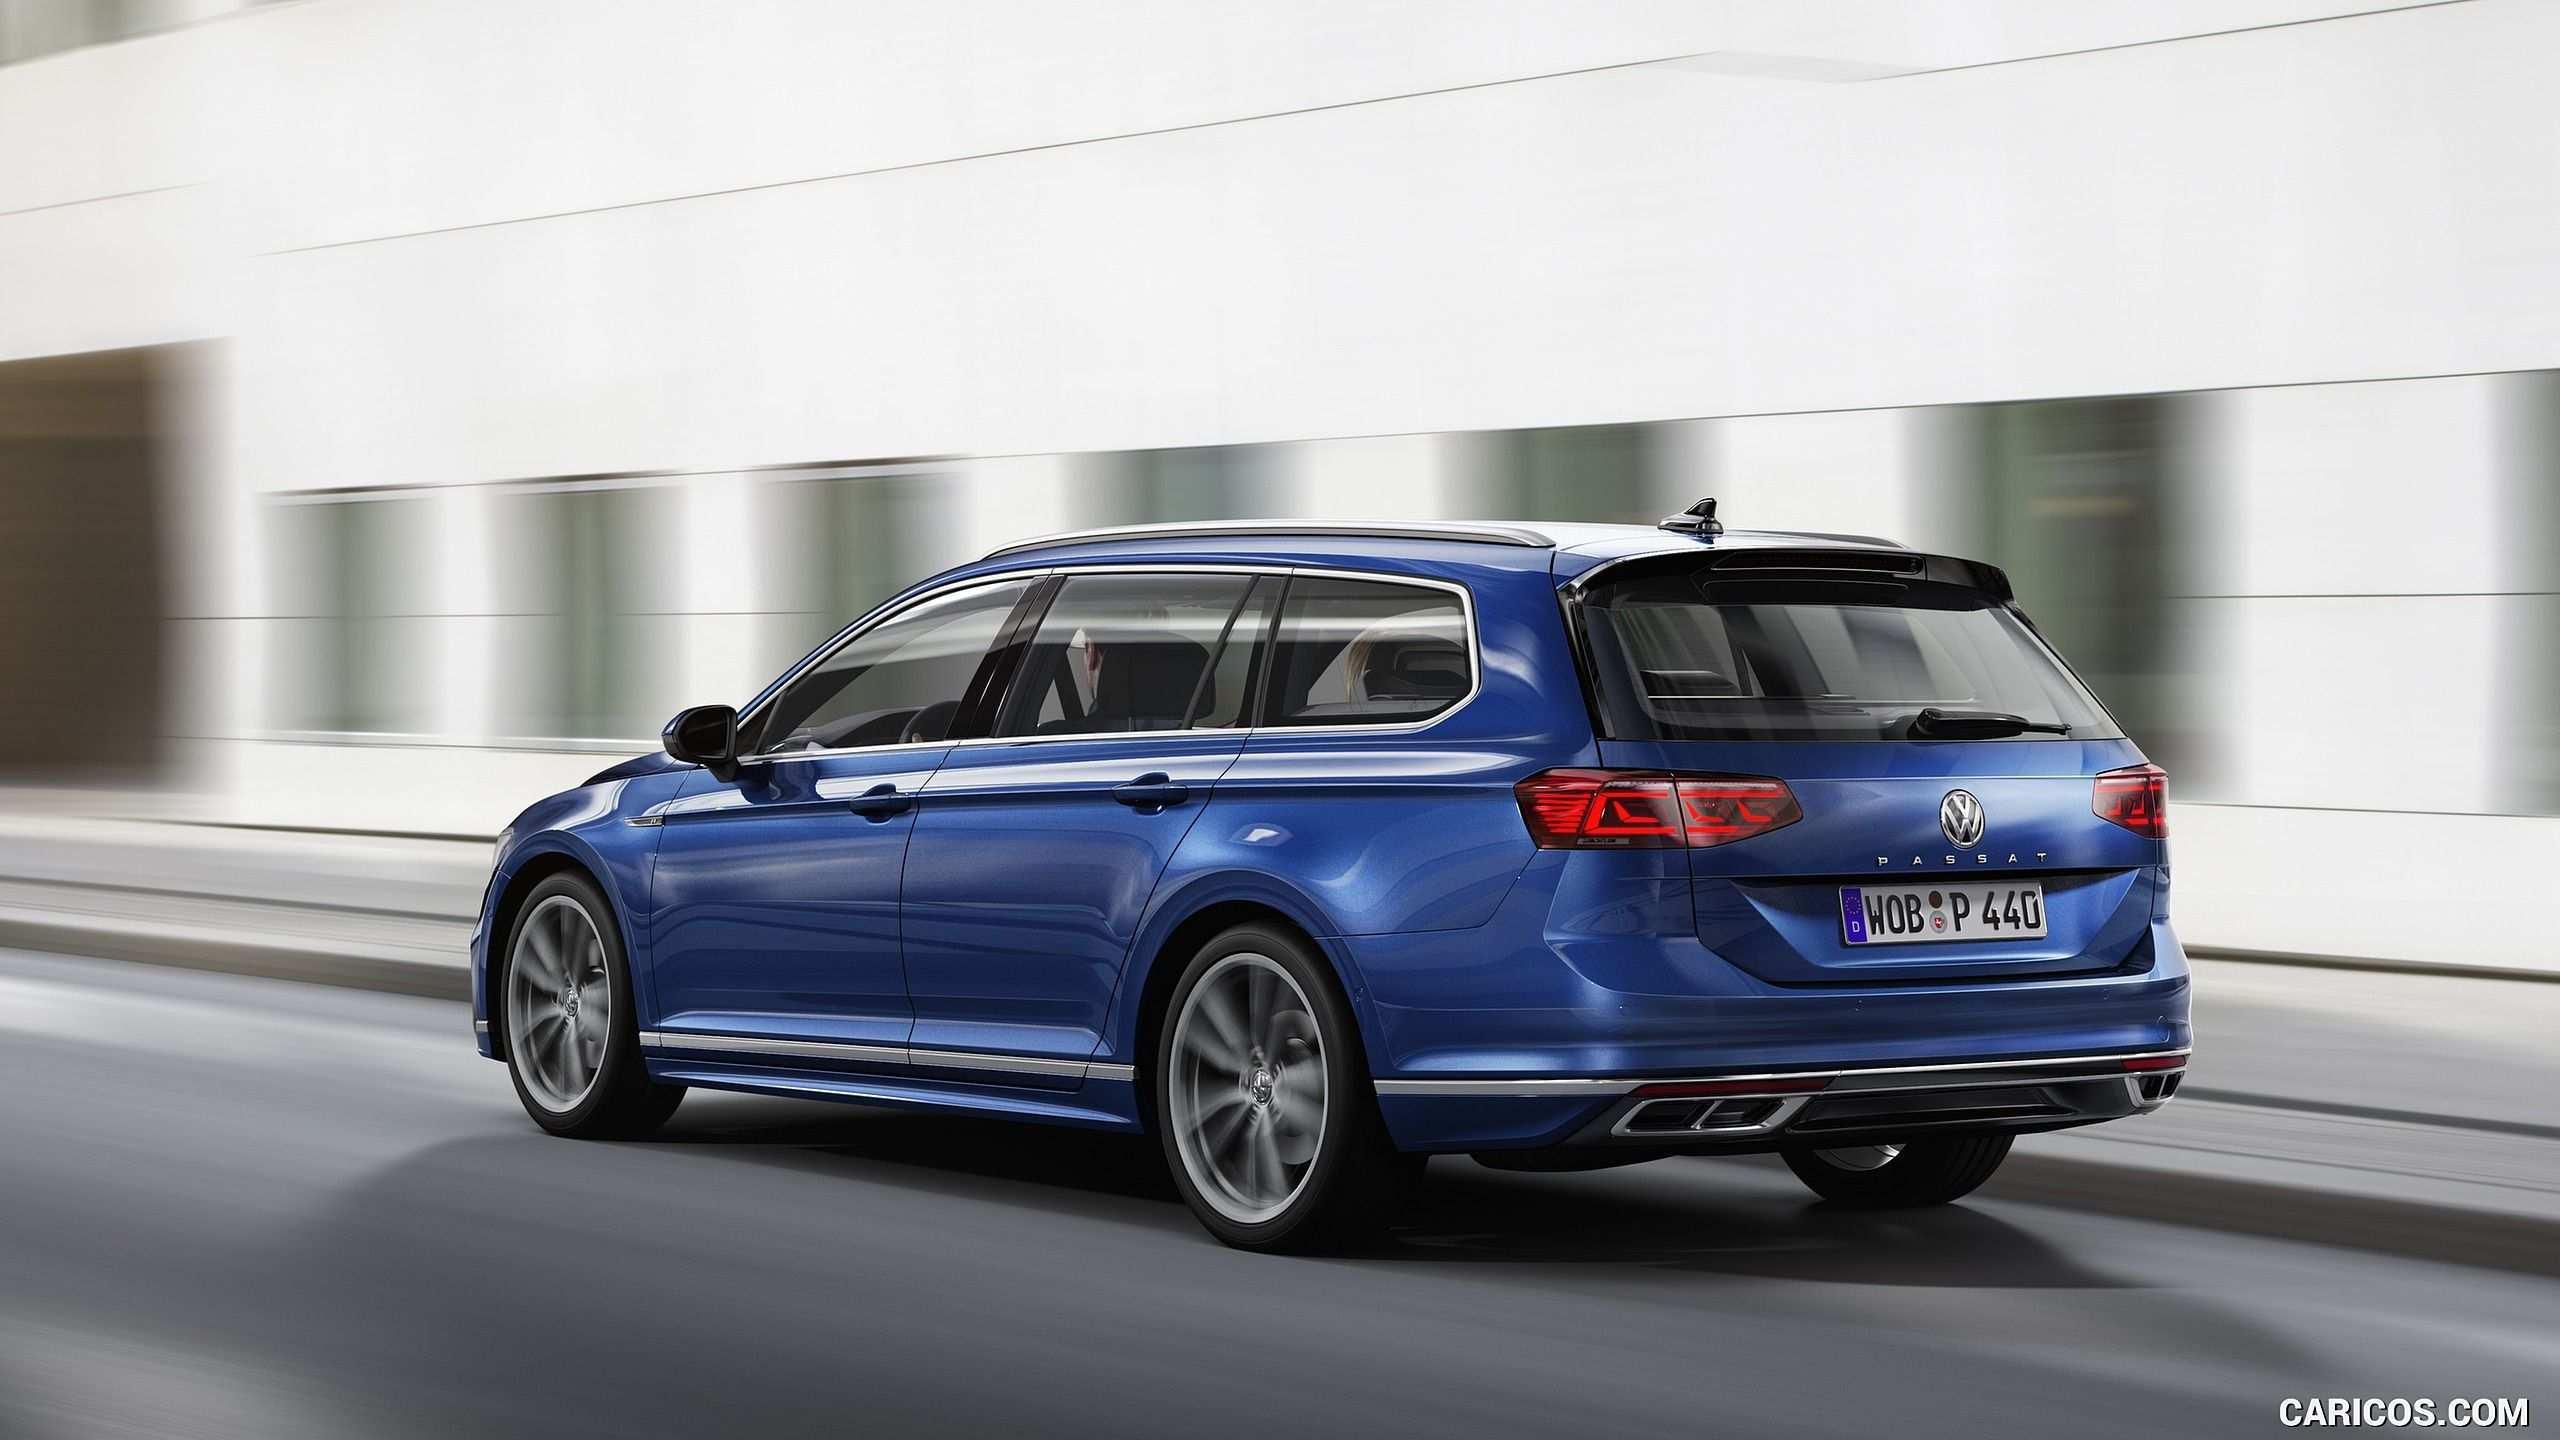 74 Great 2020 Volkswagen Passat Wagon Release Date for 2020 Volkswagen Passat Wagon